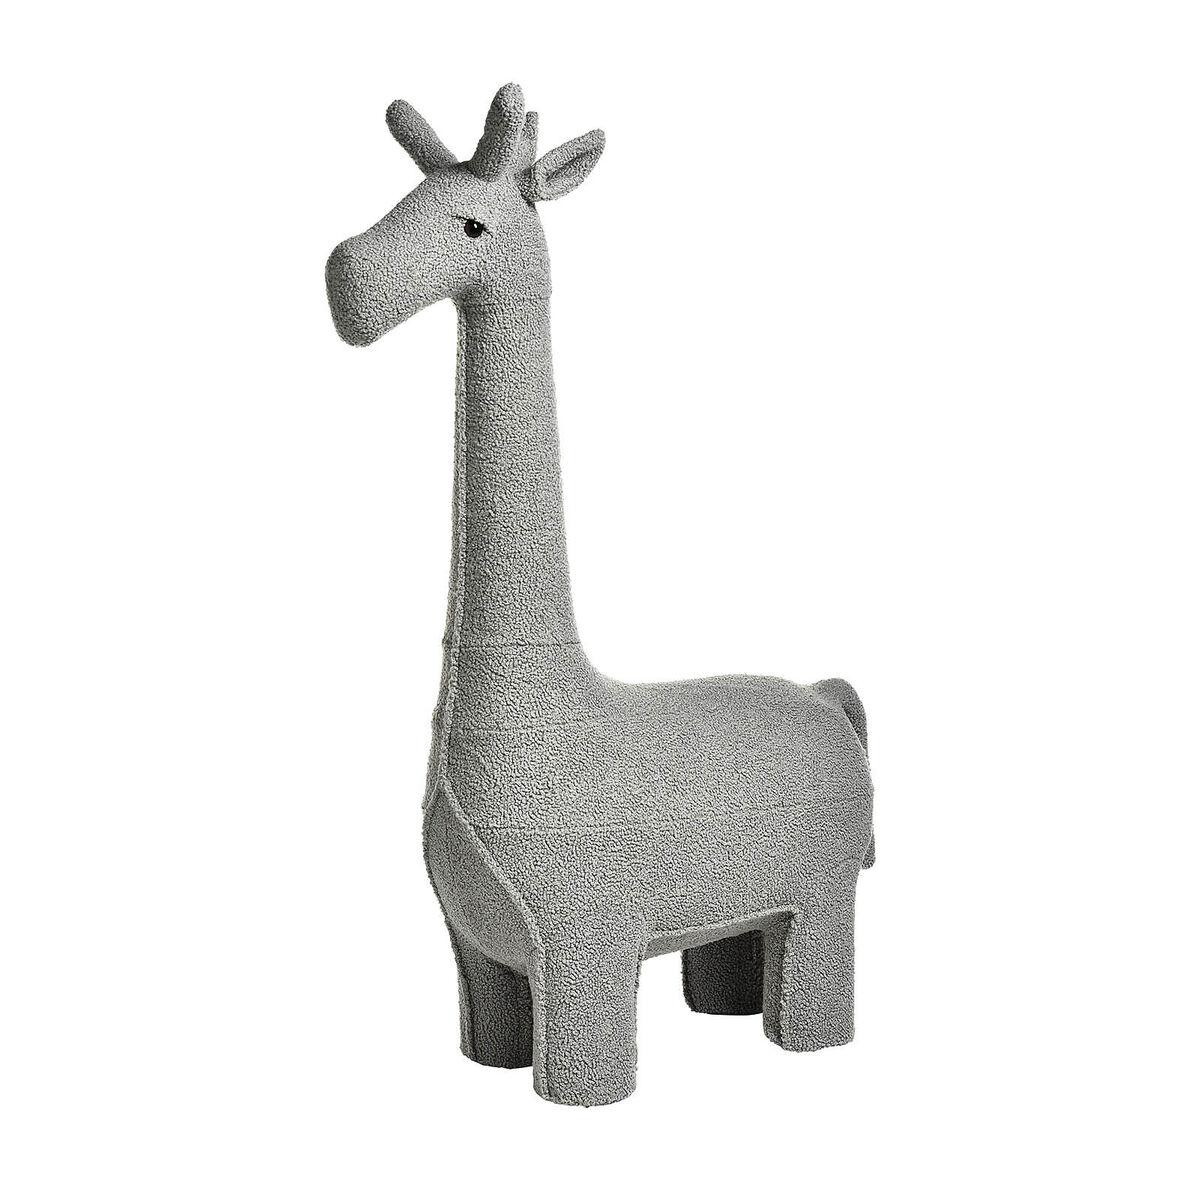 Bild 1 von Hocker Giraffe, 75x35x128cm, hellgrau